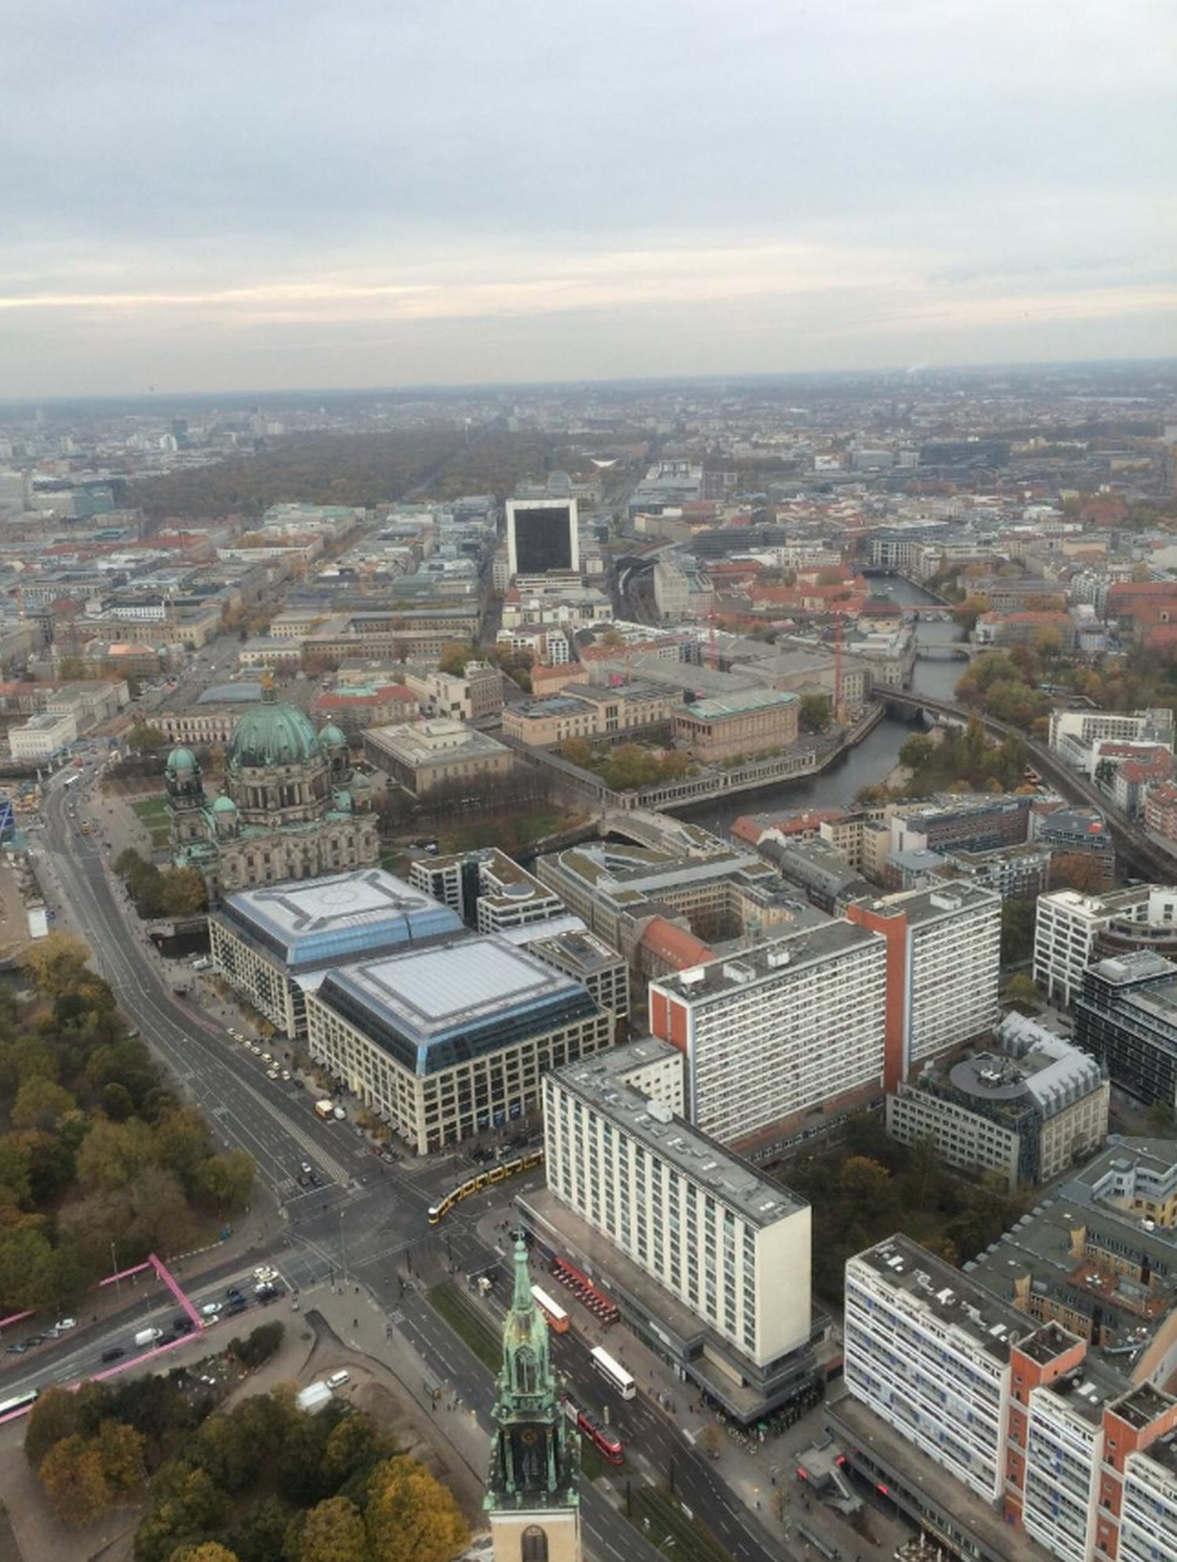 berlin_atemberaubende_aussicht_auf_berlin13165_21_11_2019